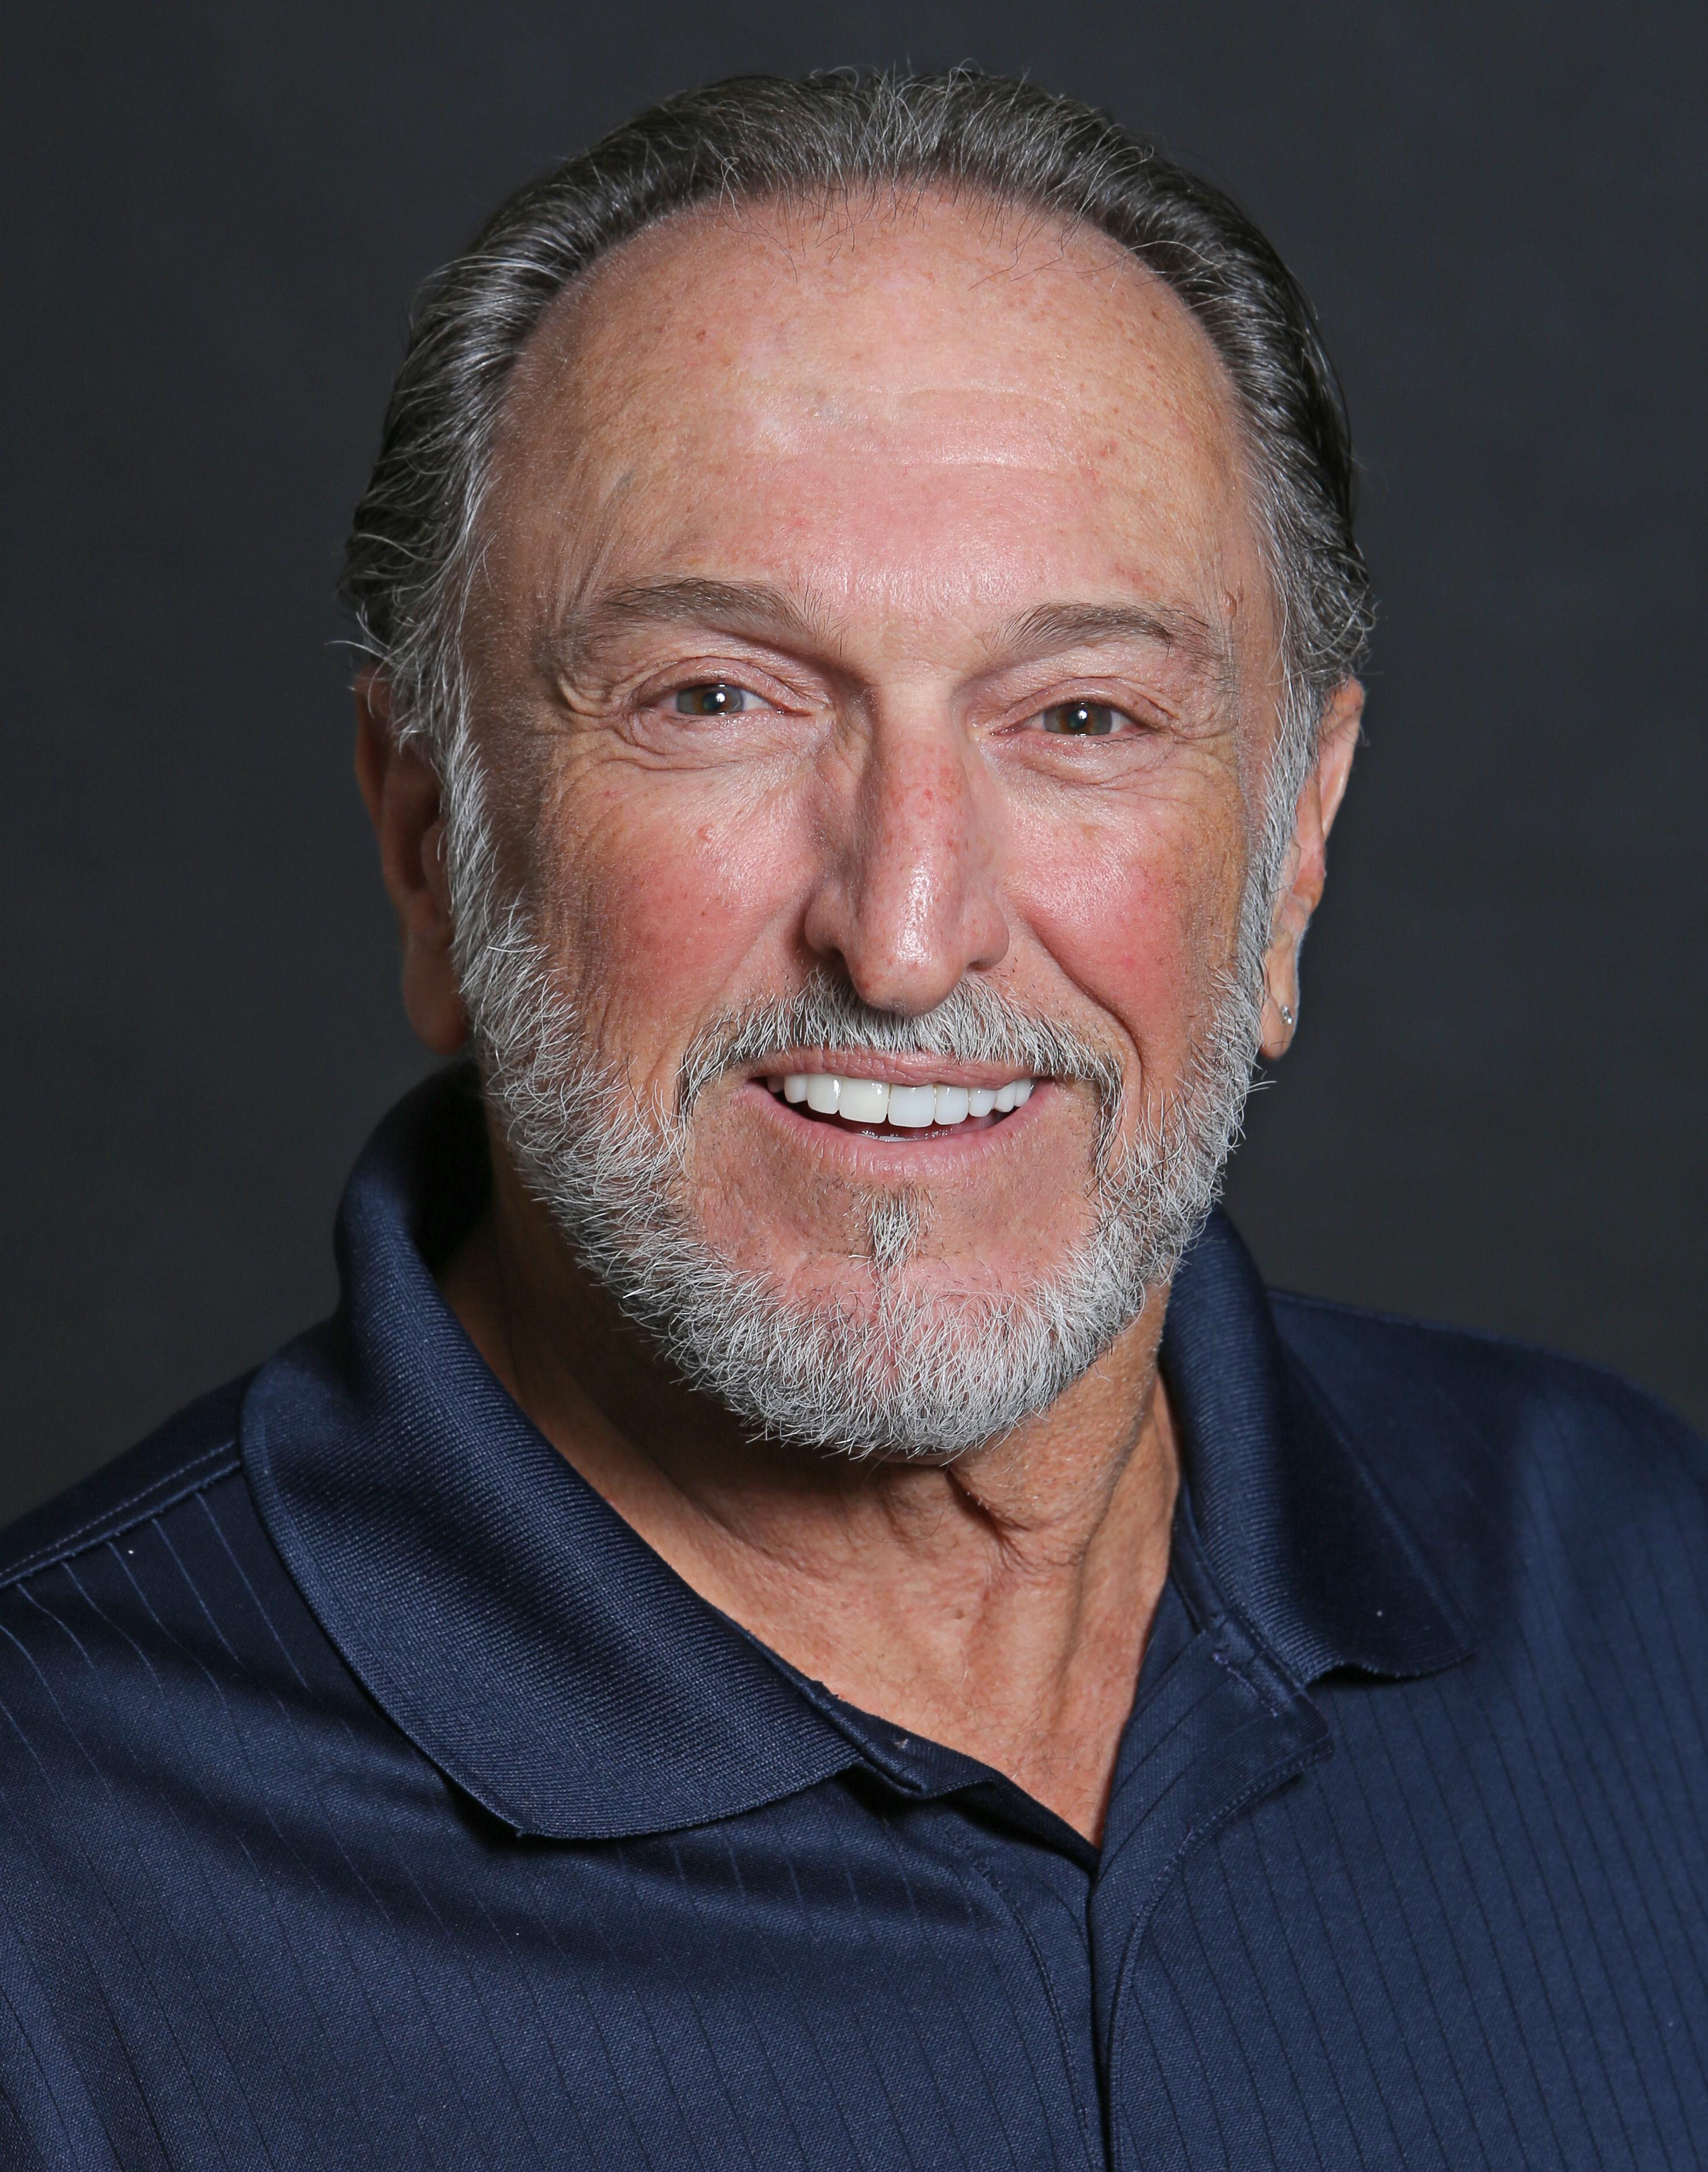 Sammy Giordano